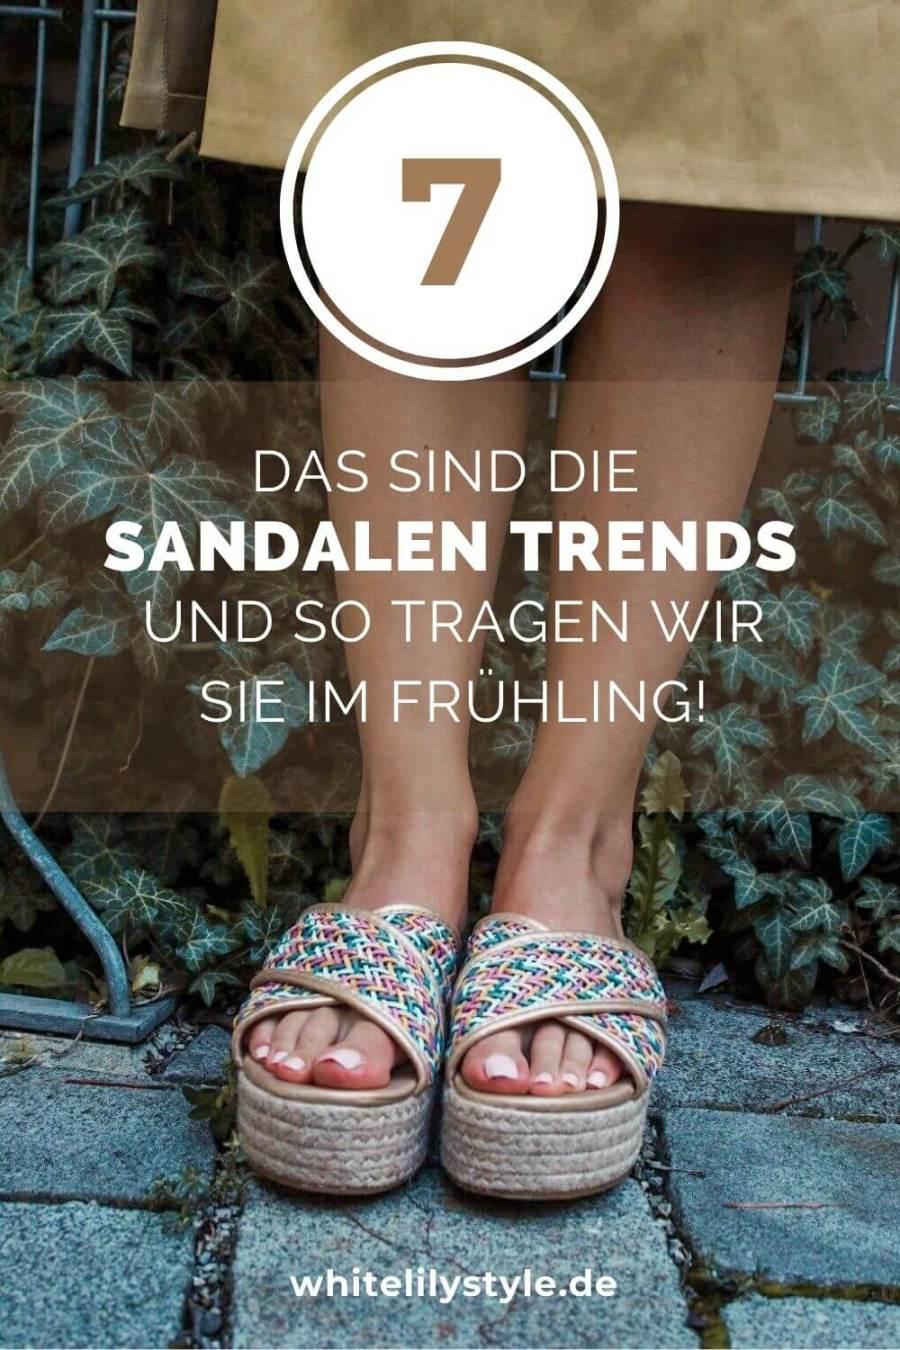 Sandalen Trend 2021 - So tragen wir die Trend Sandalen im Frühling und Sommer 2021